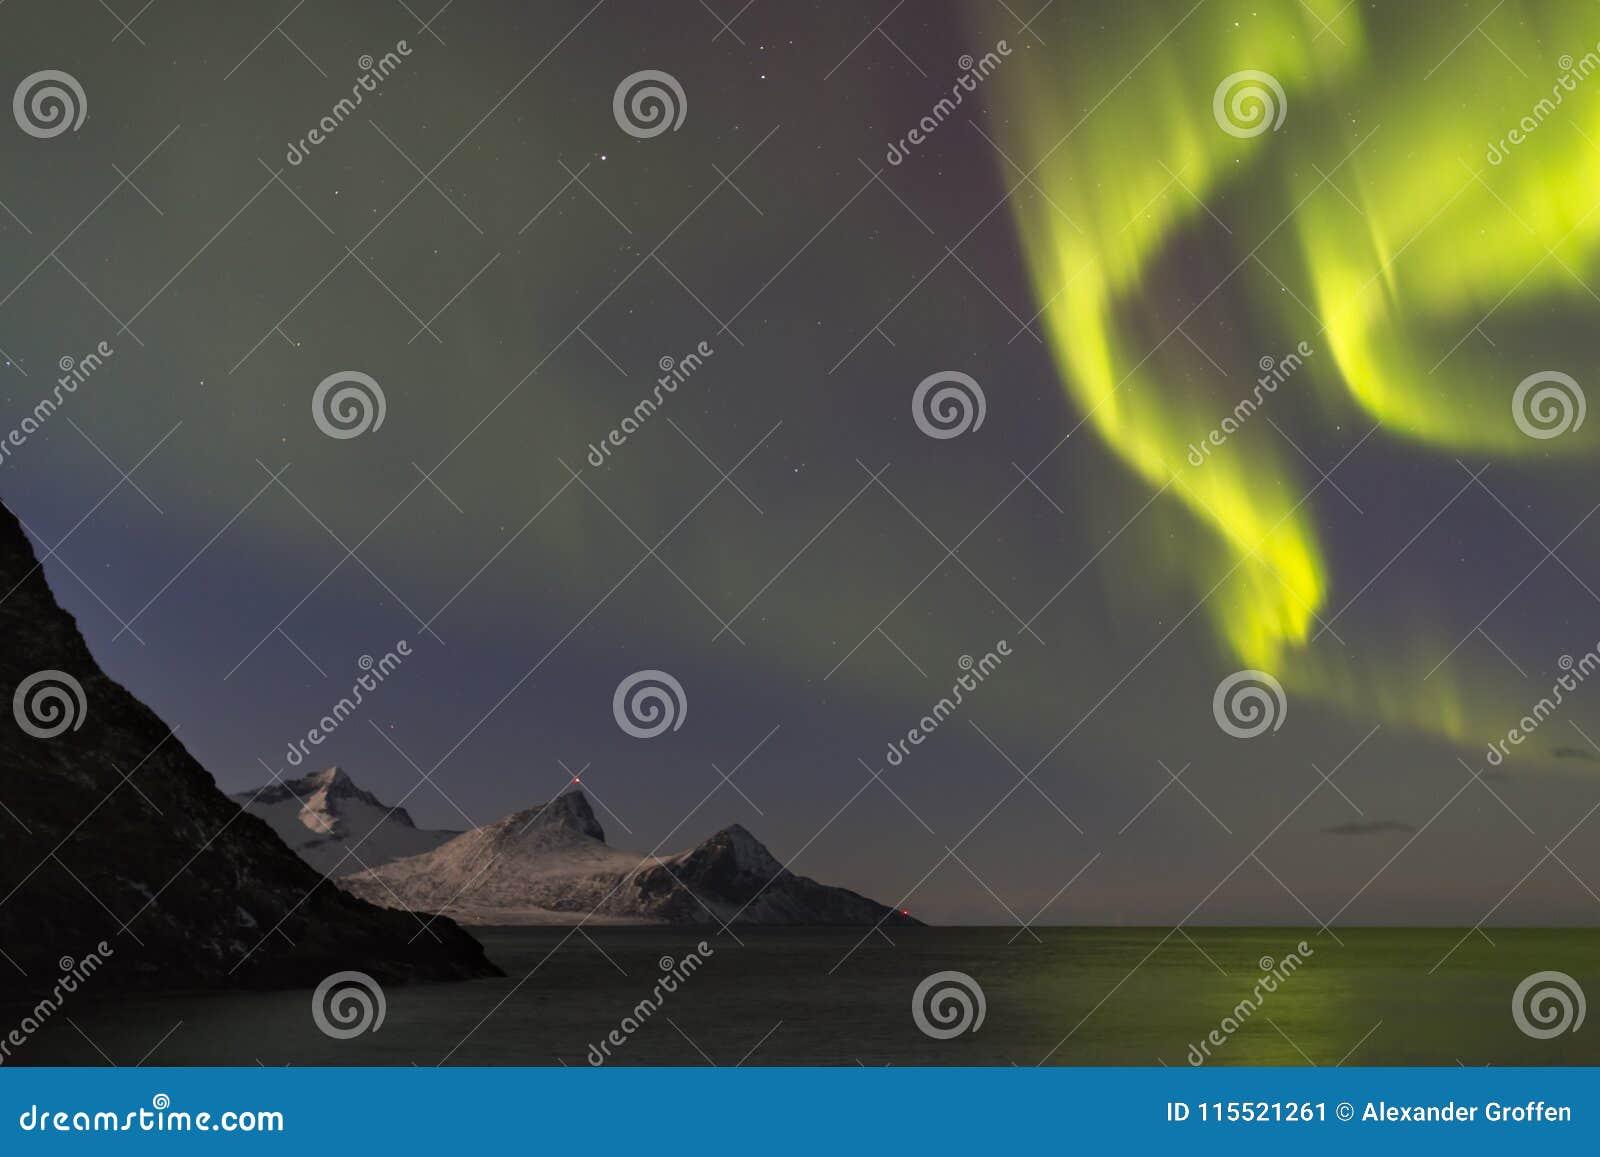 Aurora borealis spettacolare, bella aurora boreale sopra